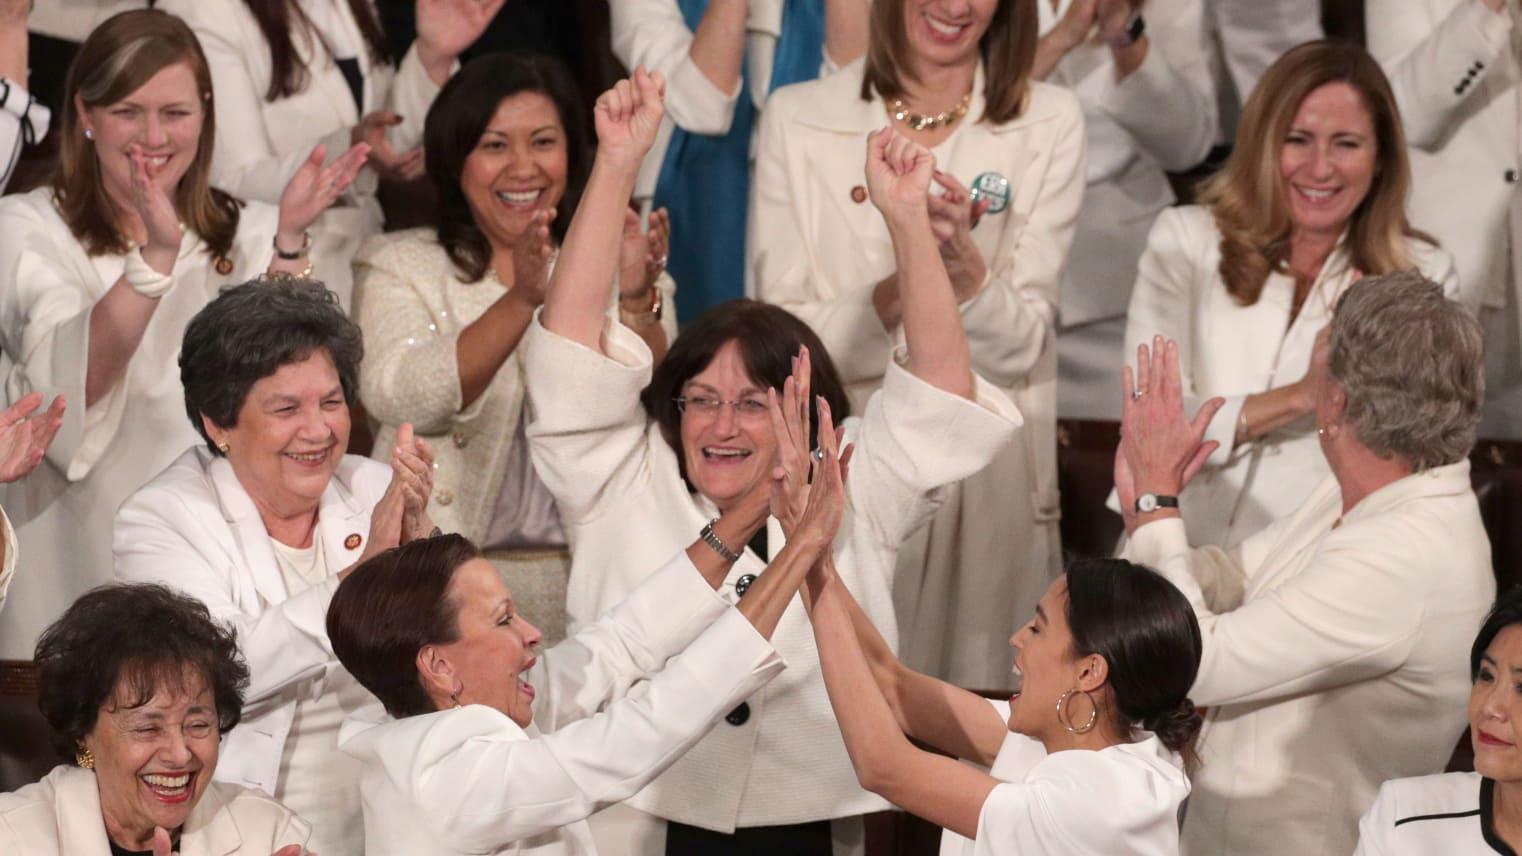 ما سر ارتداء هذه الأزياء البيضاء أثناء خطاب ترامب؟